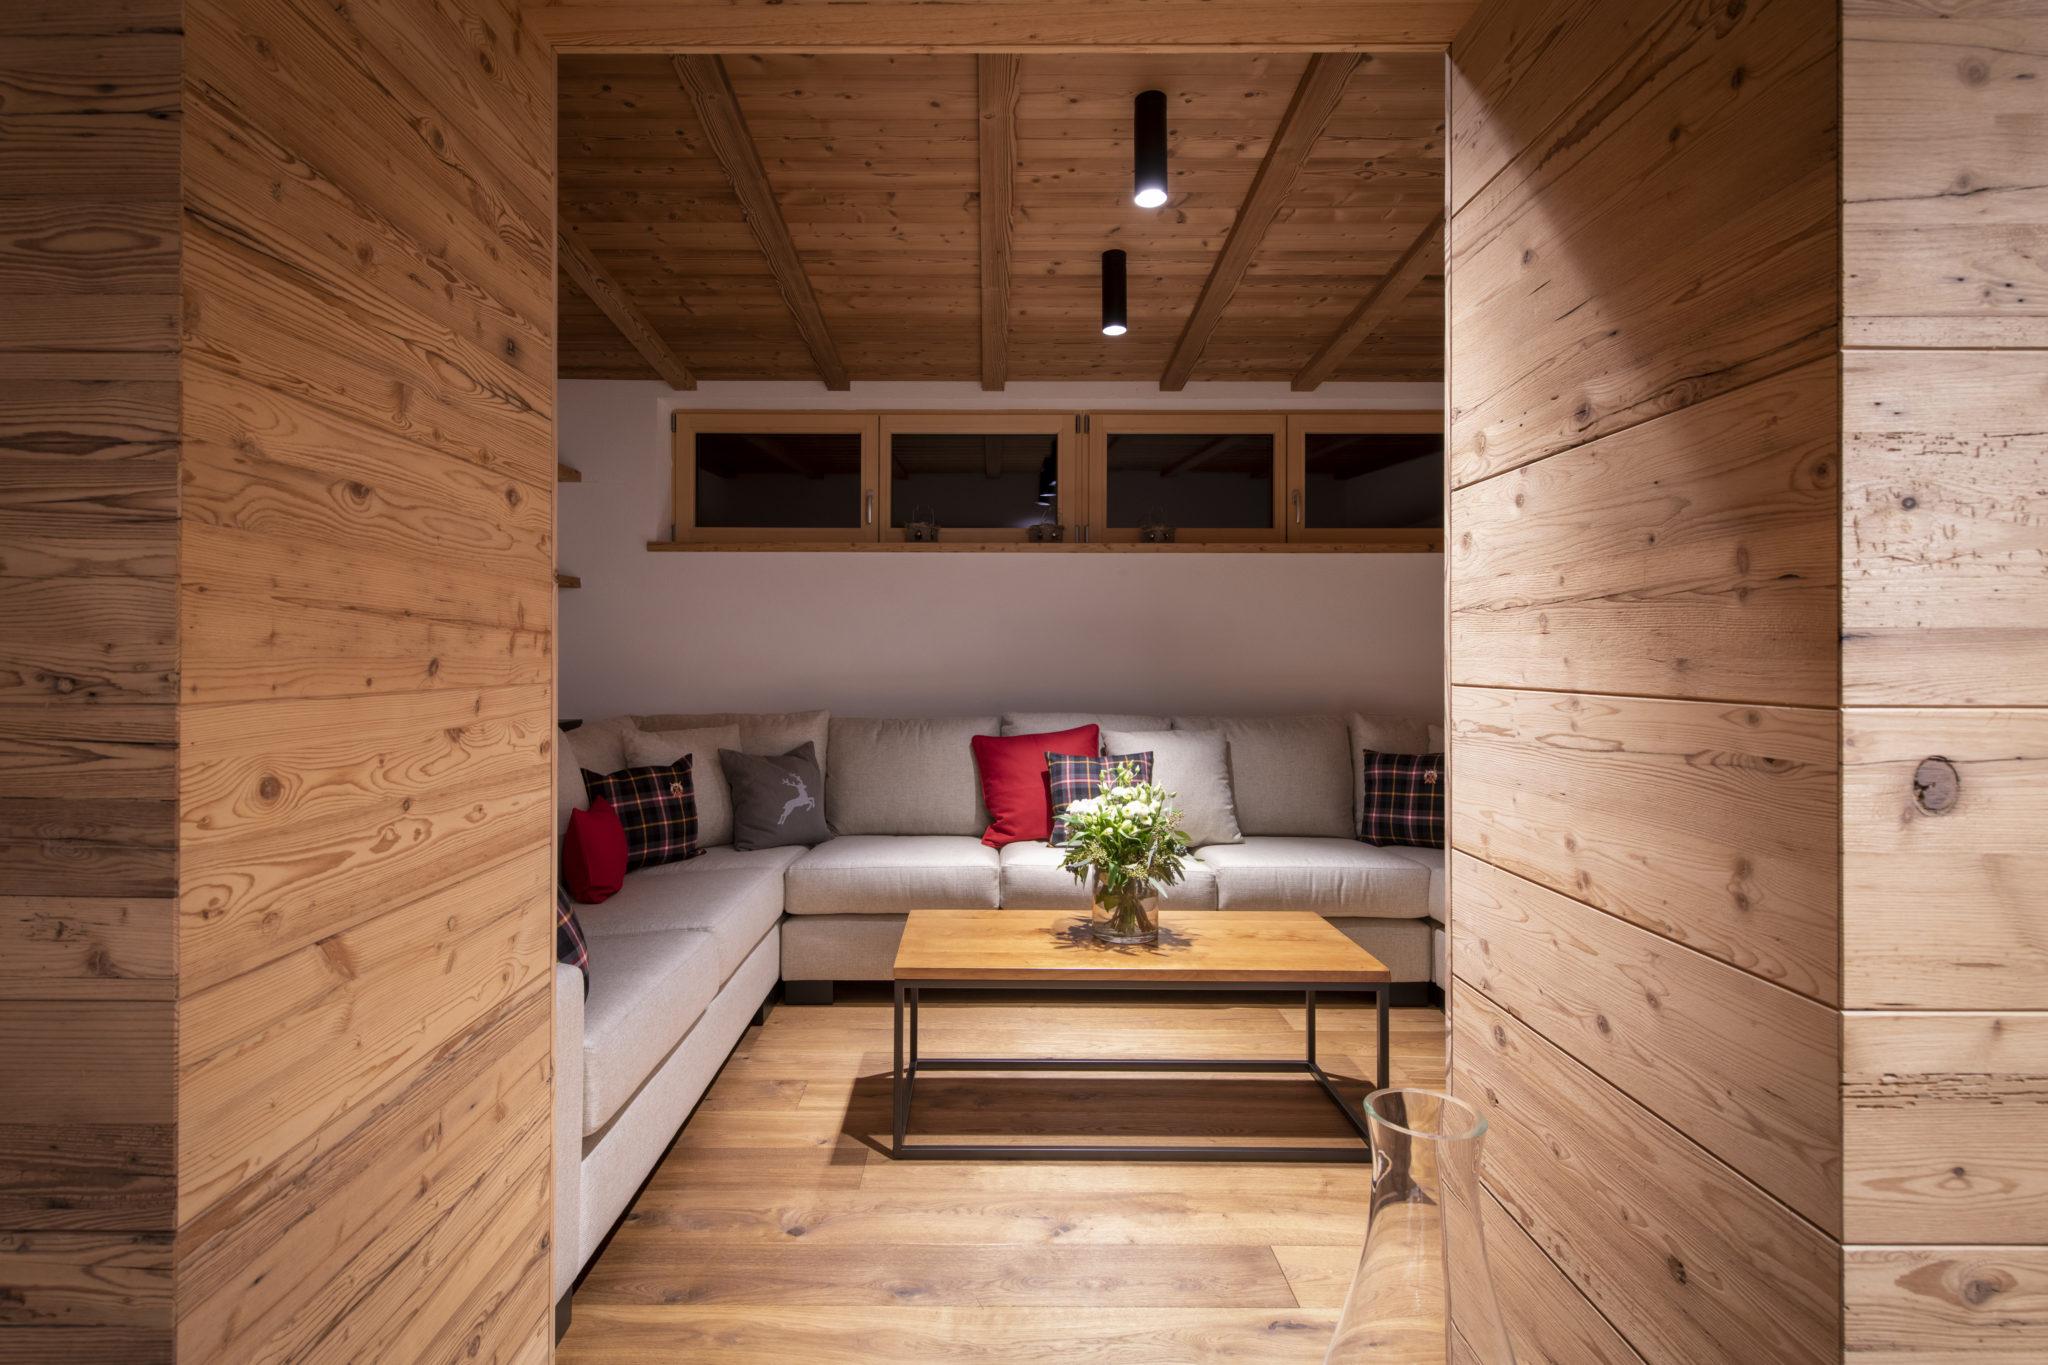 bhlhof-penthouse-11385-scaled